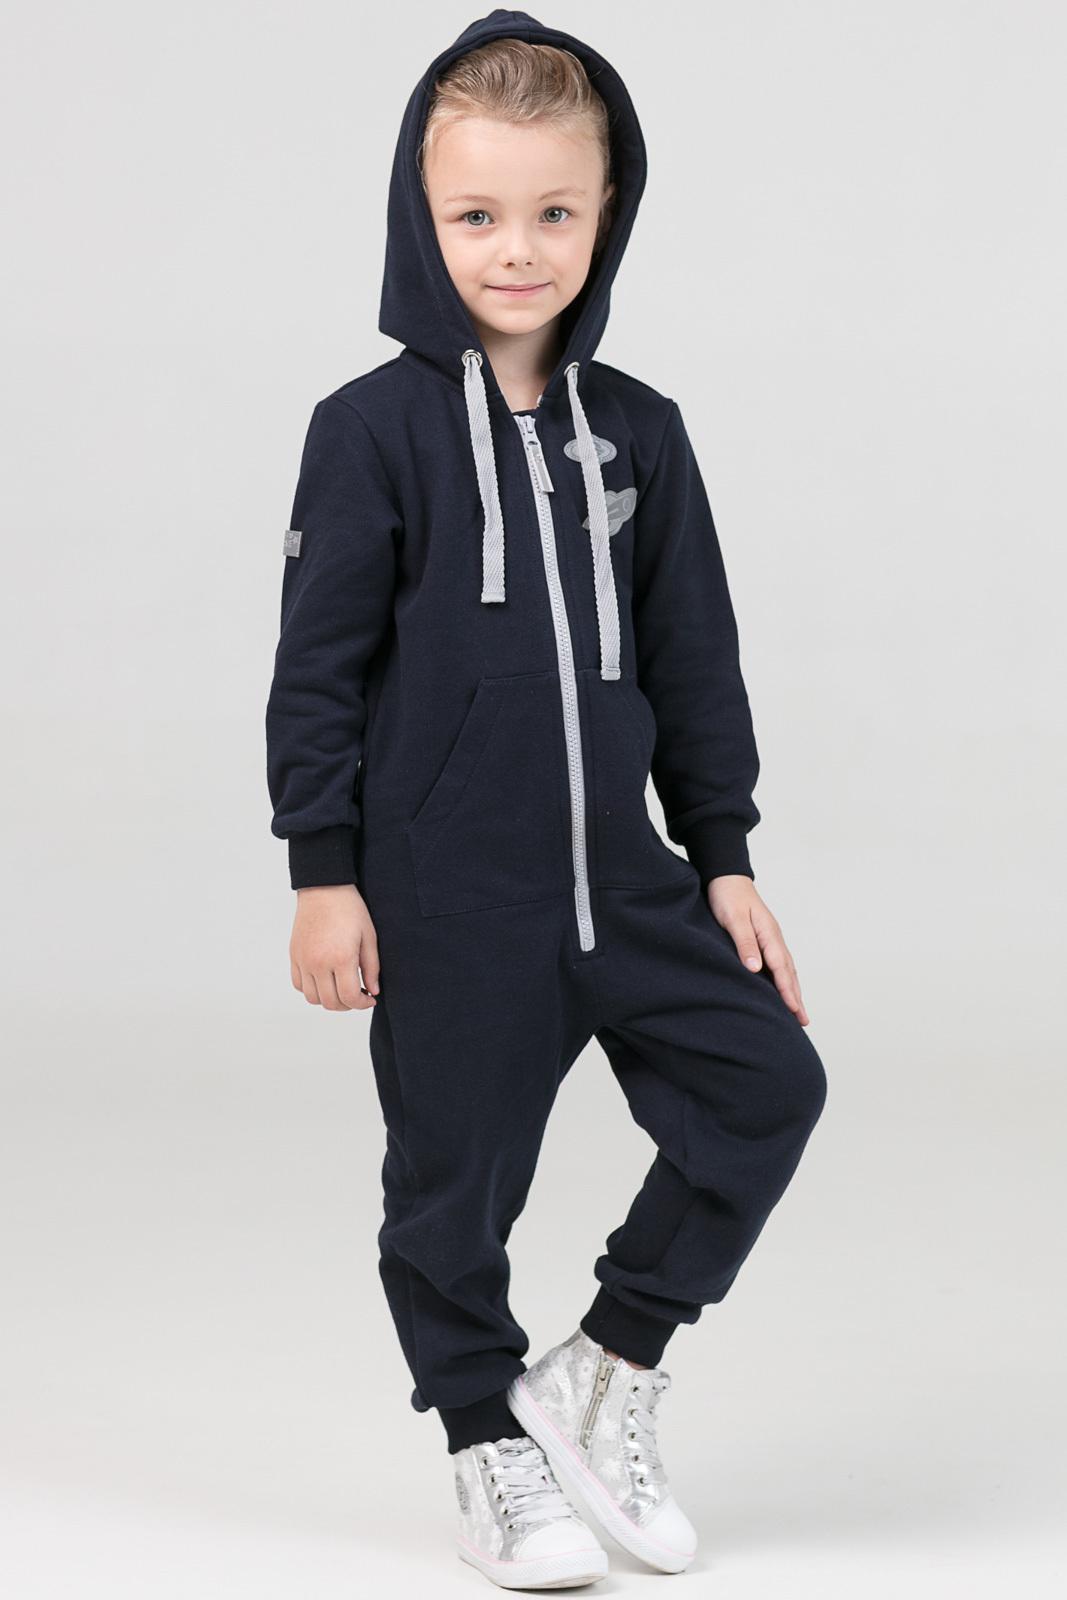 Купить Комбинезон Ready темно-синий из текстиля для девочек, МОСМЕХА, 6600295